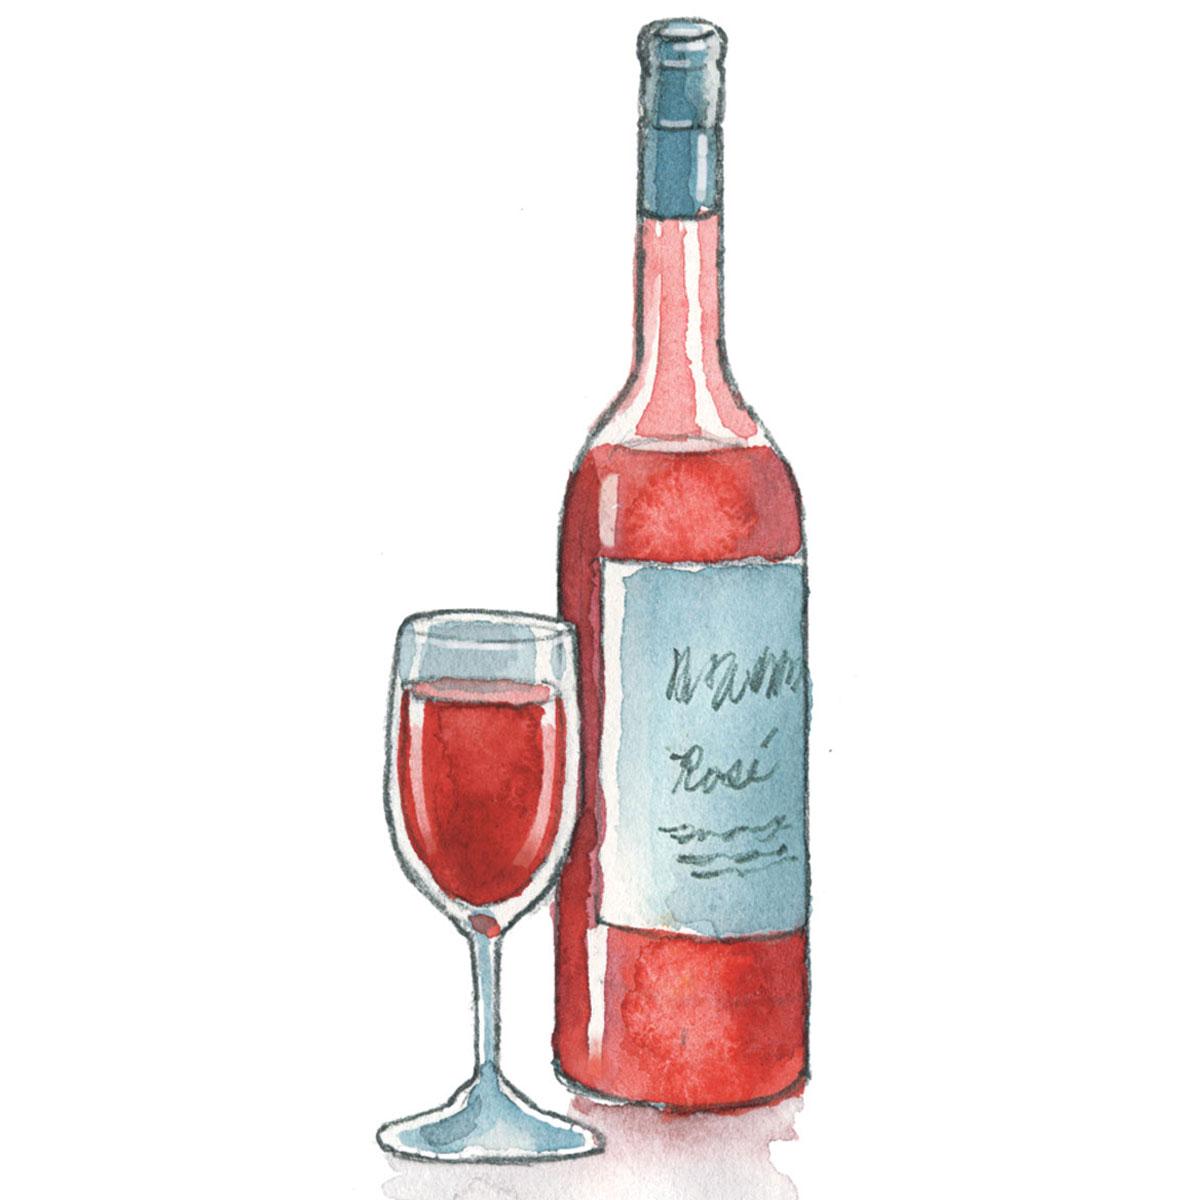 winter rosé wine